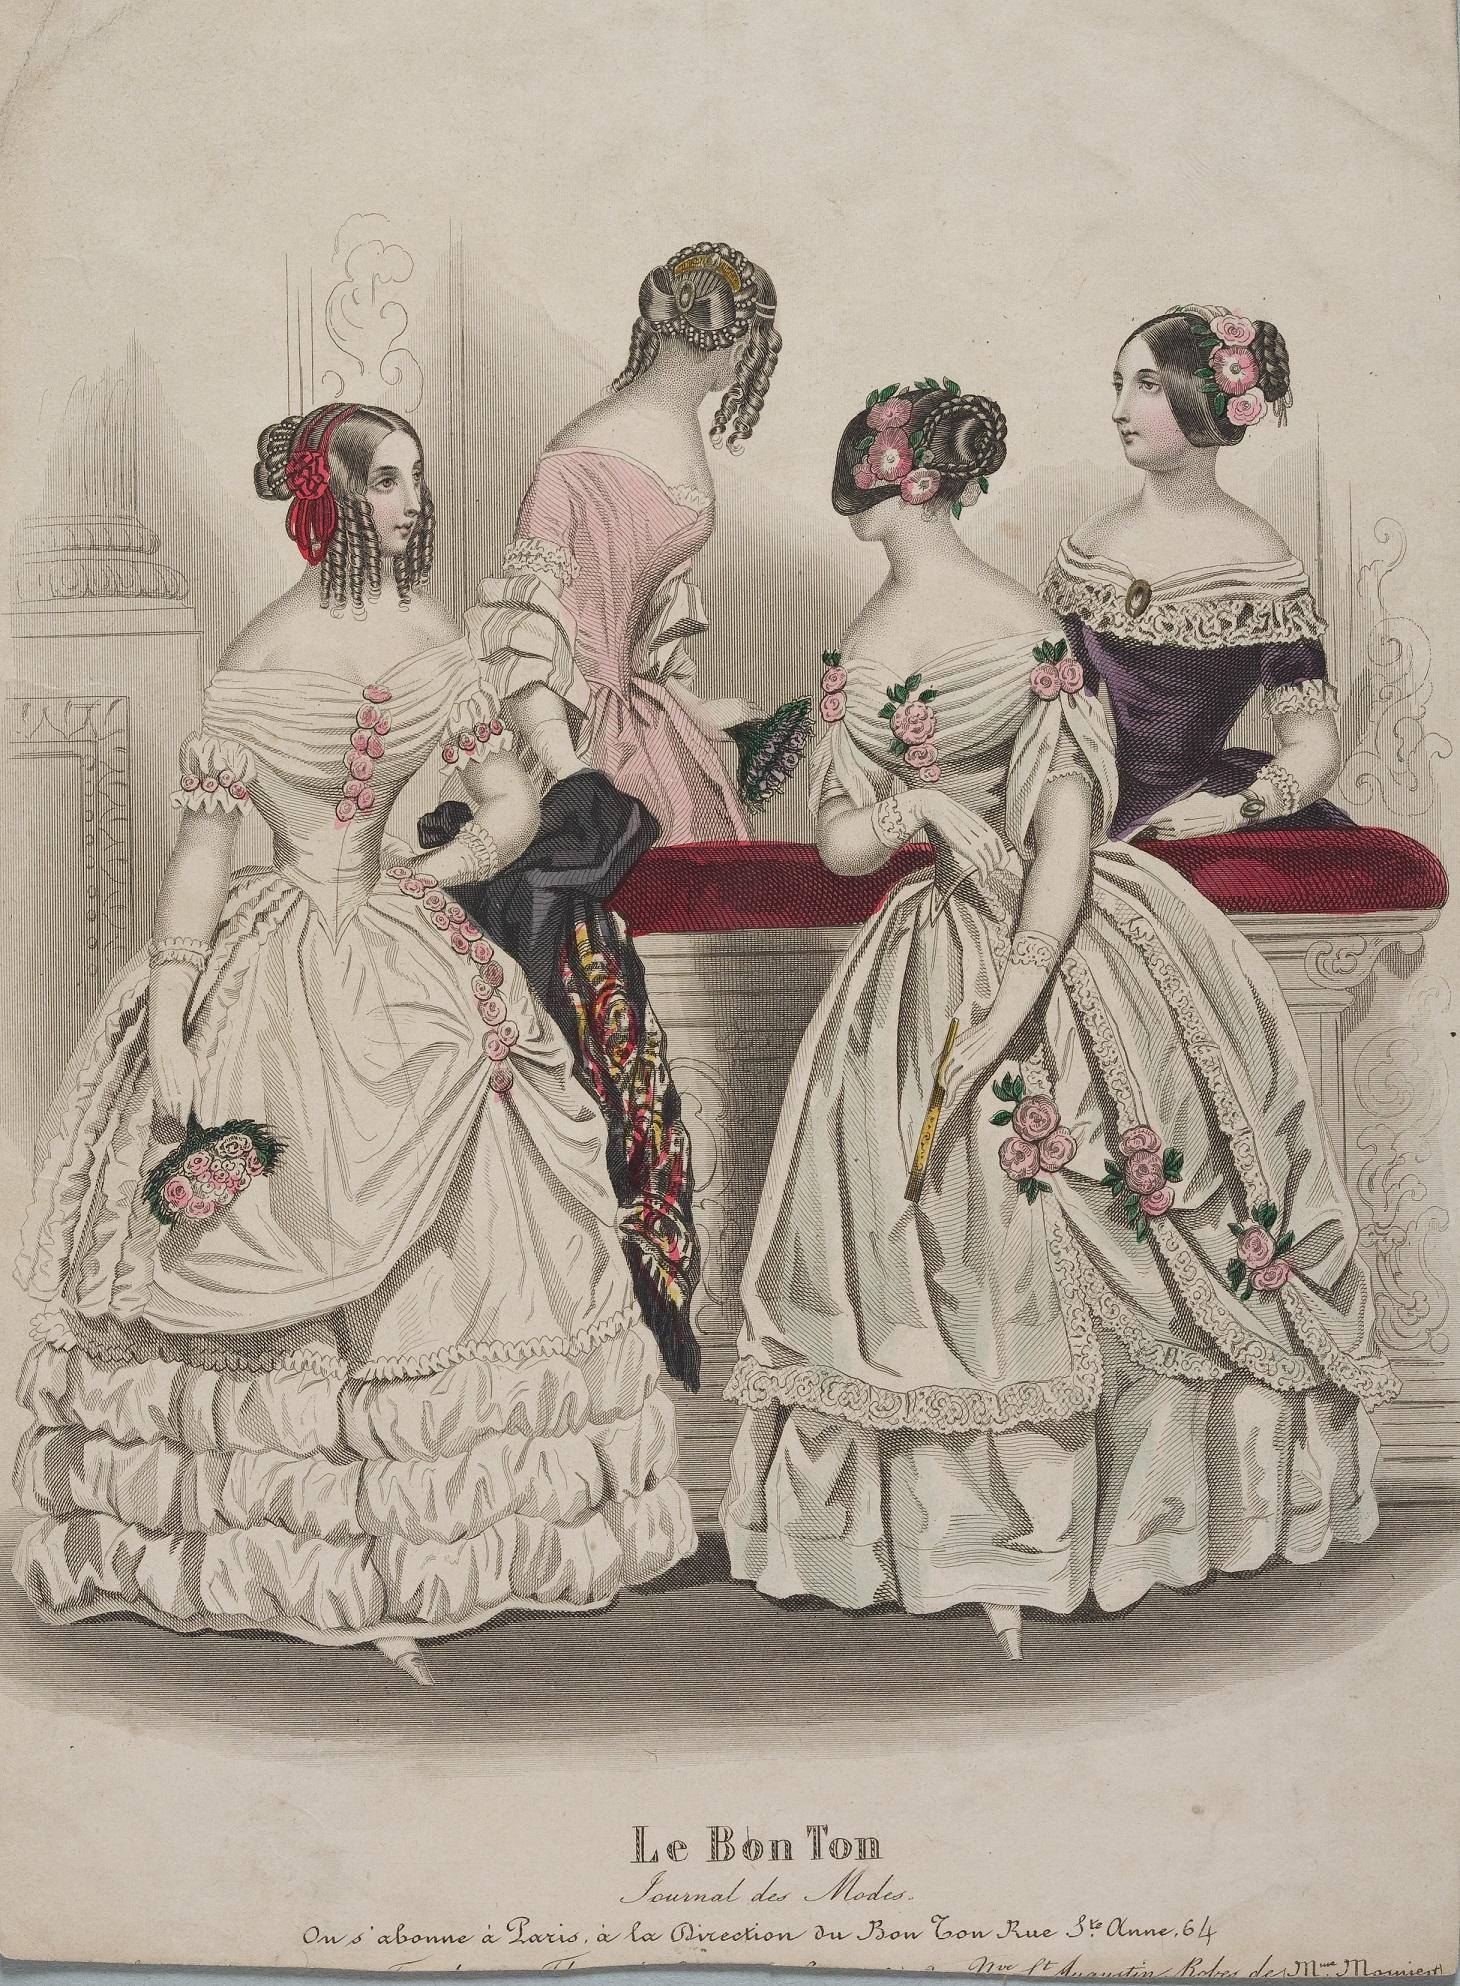 『ル・ボン・トン』 1840年代のロマンチック・ドレス。